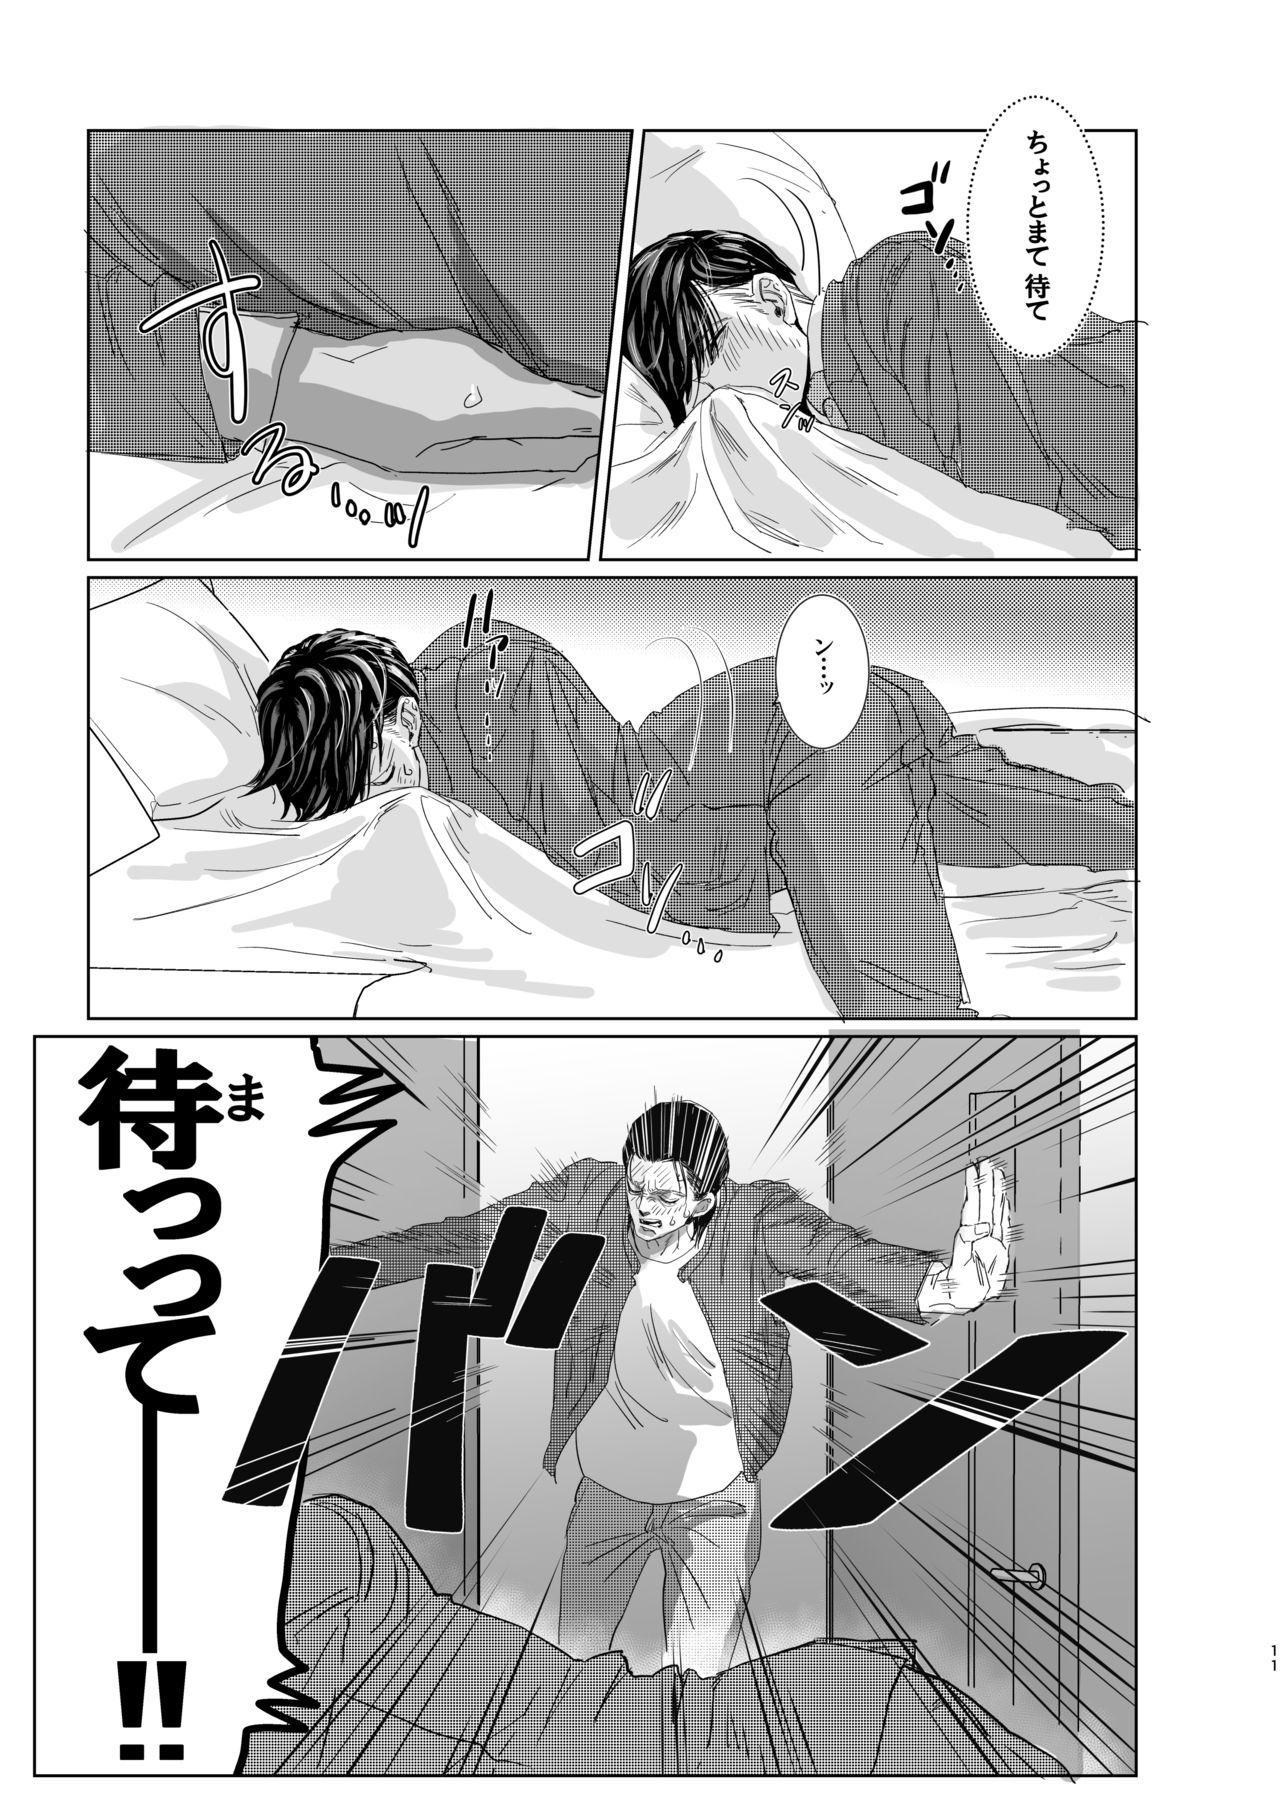 Ore no Kareshi ga Ore no Nioi o Sukisugite Komaru! 9